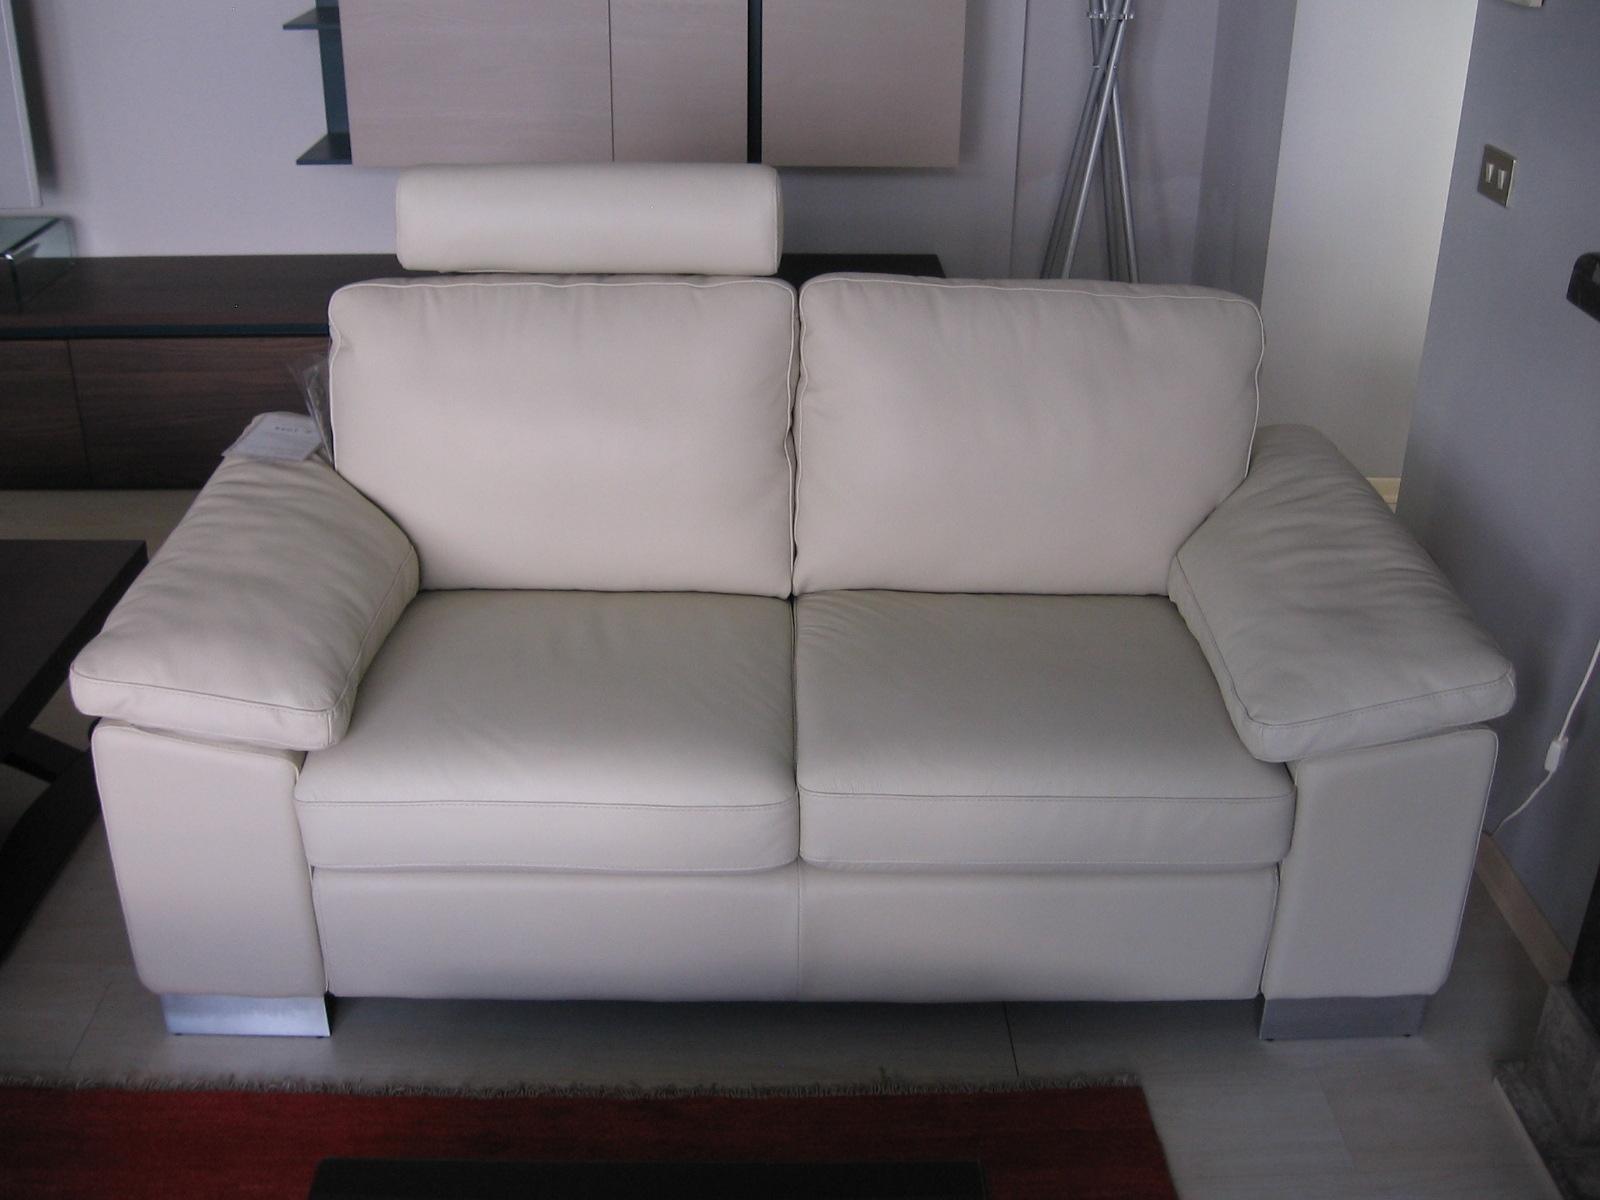 Divano in pelle doimo scontato del 60 divani a prezzi - Pelle del divano rovinata ...